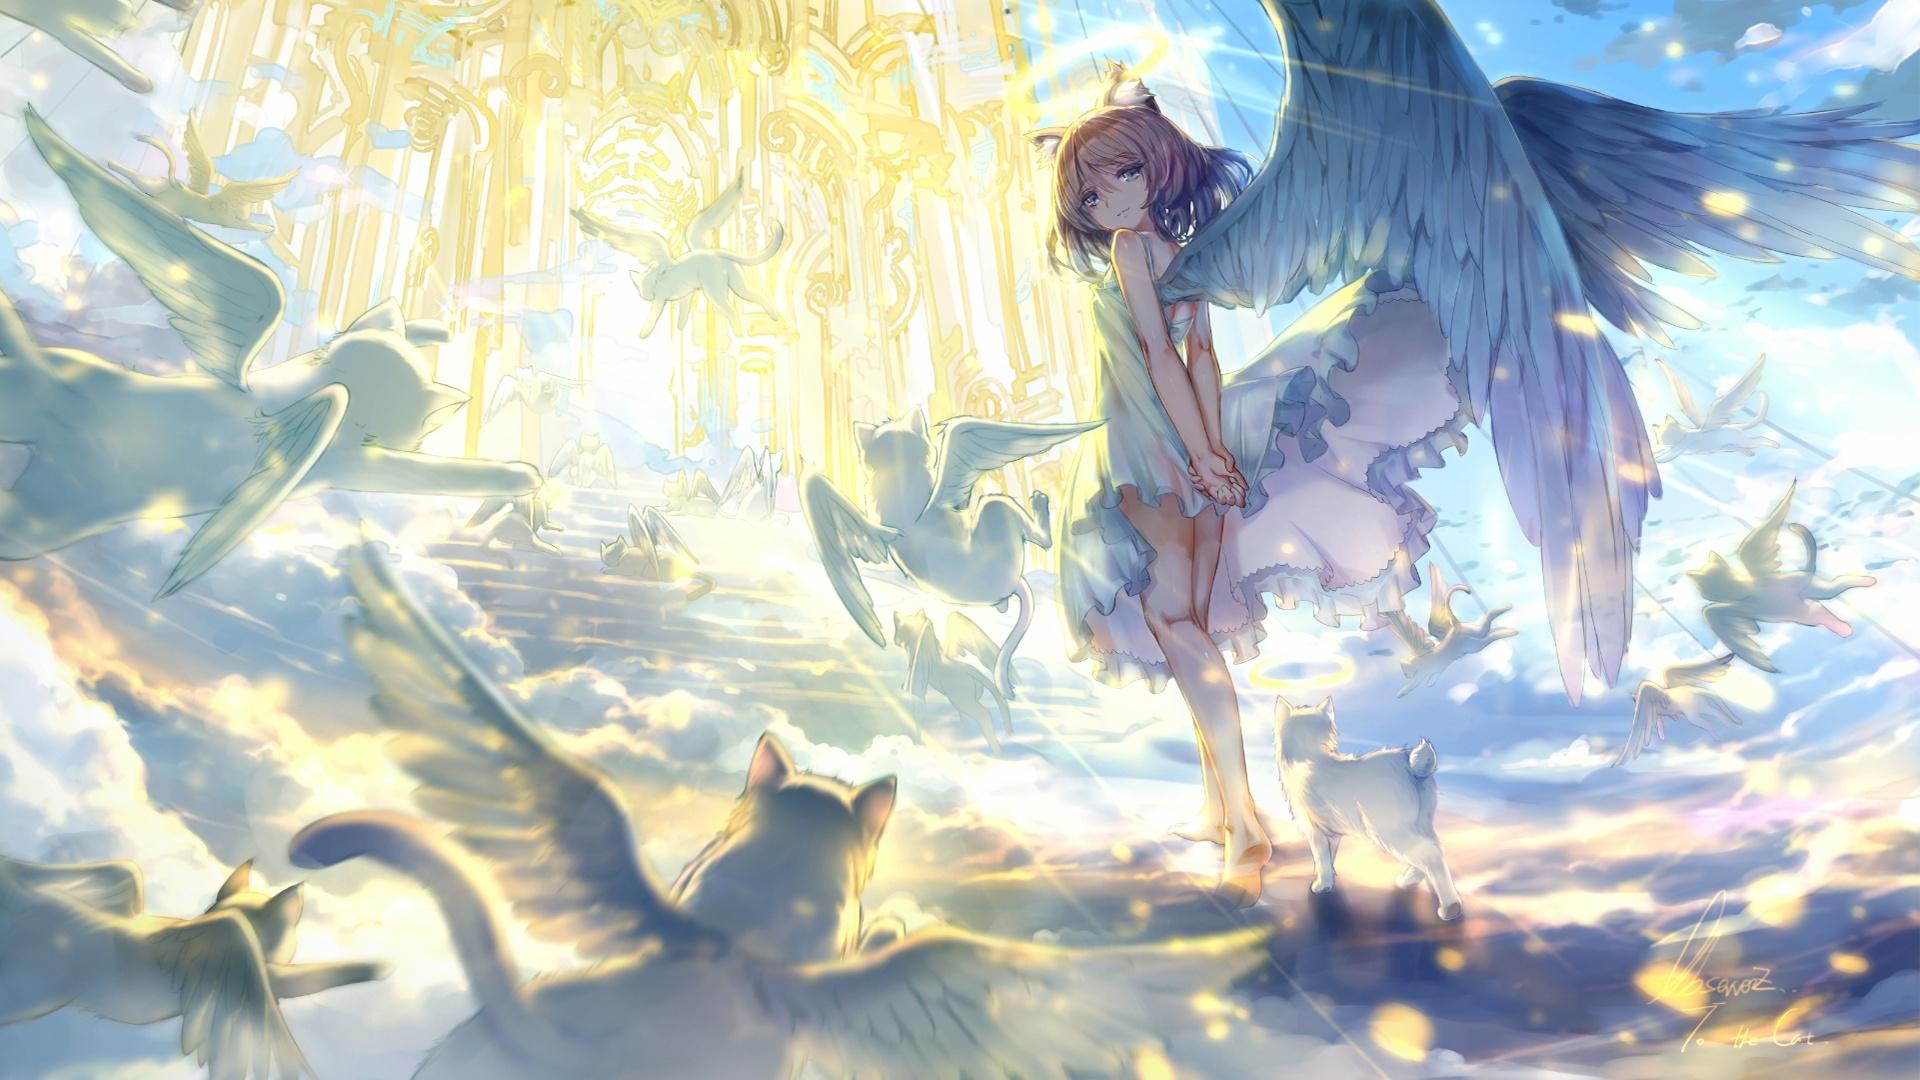 Anime Girls Flying Wallpaper